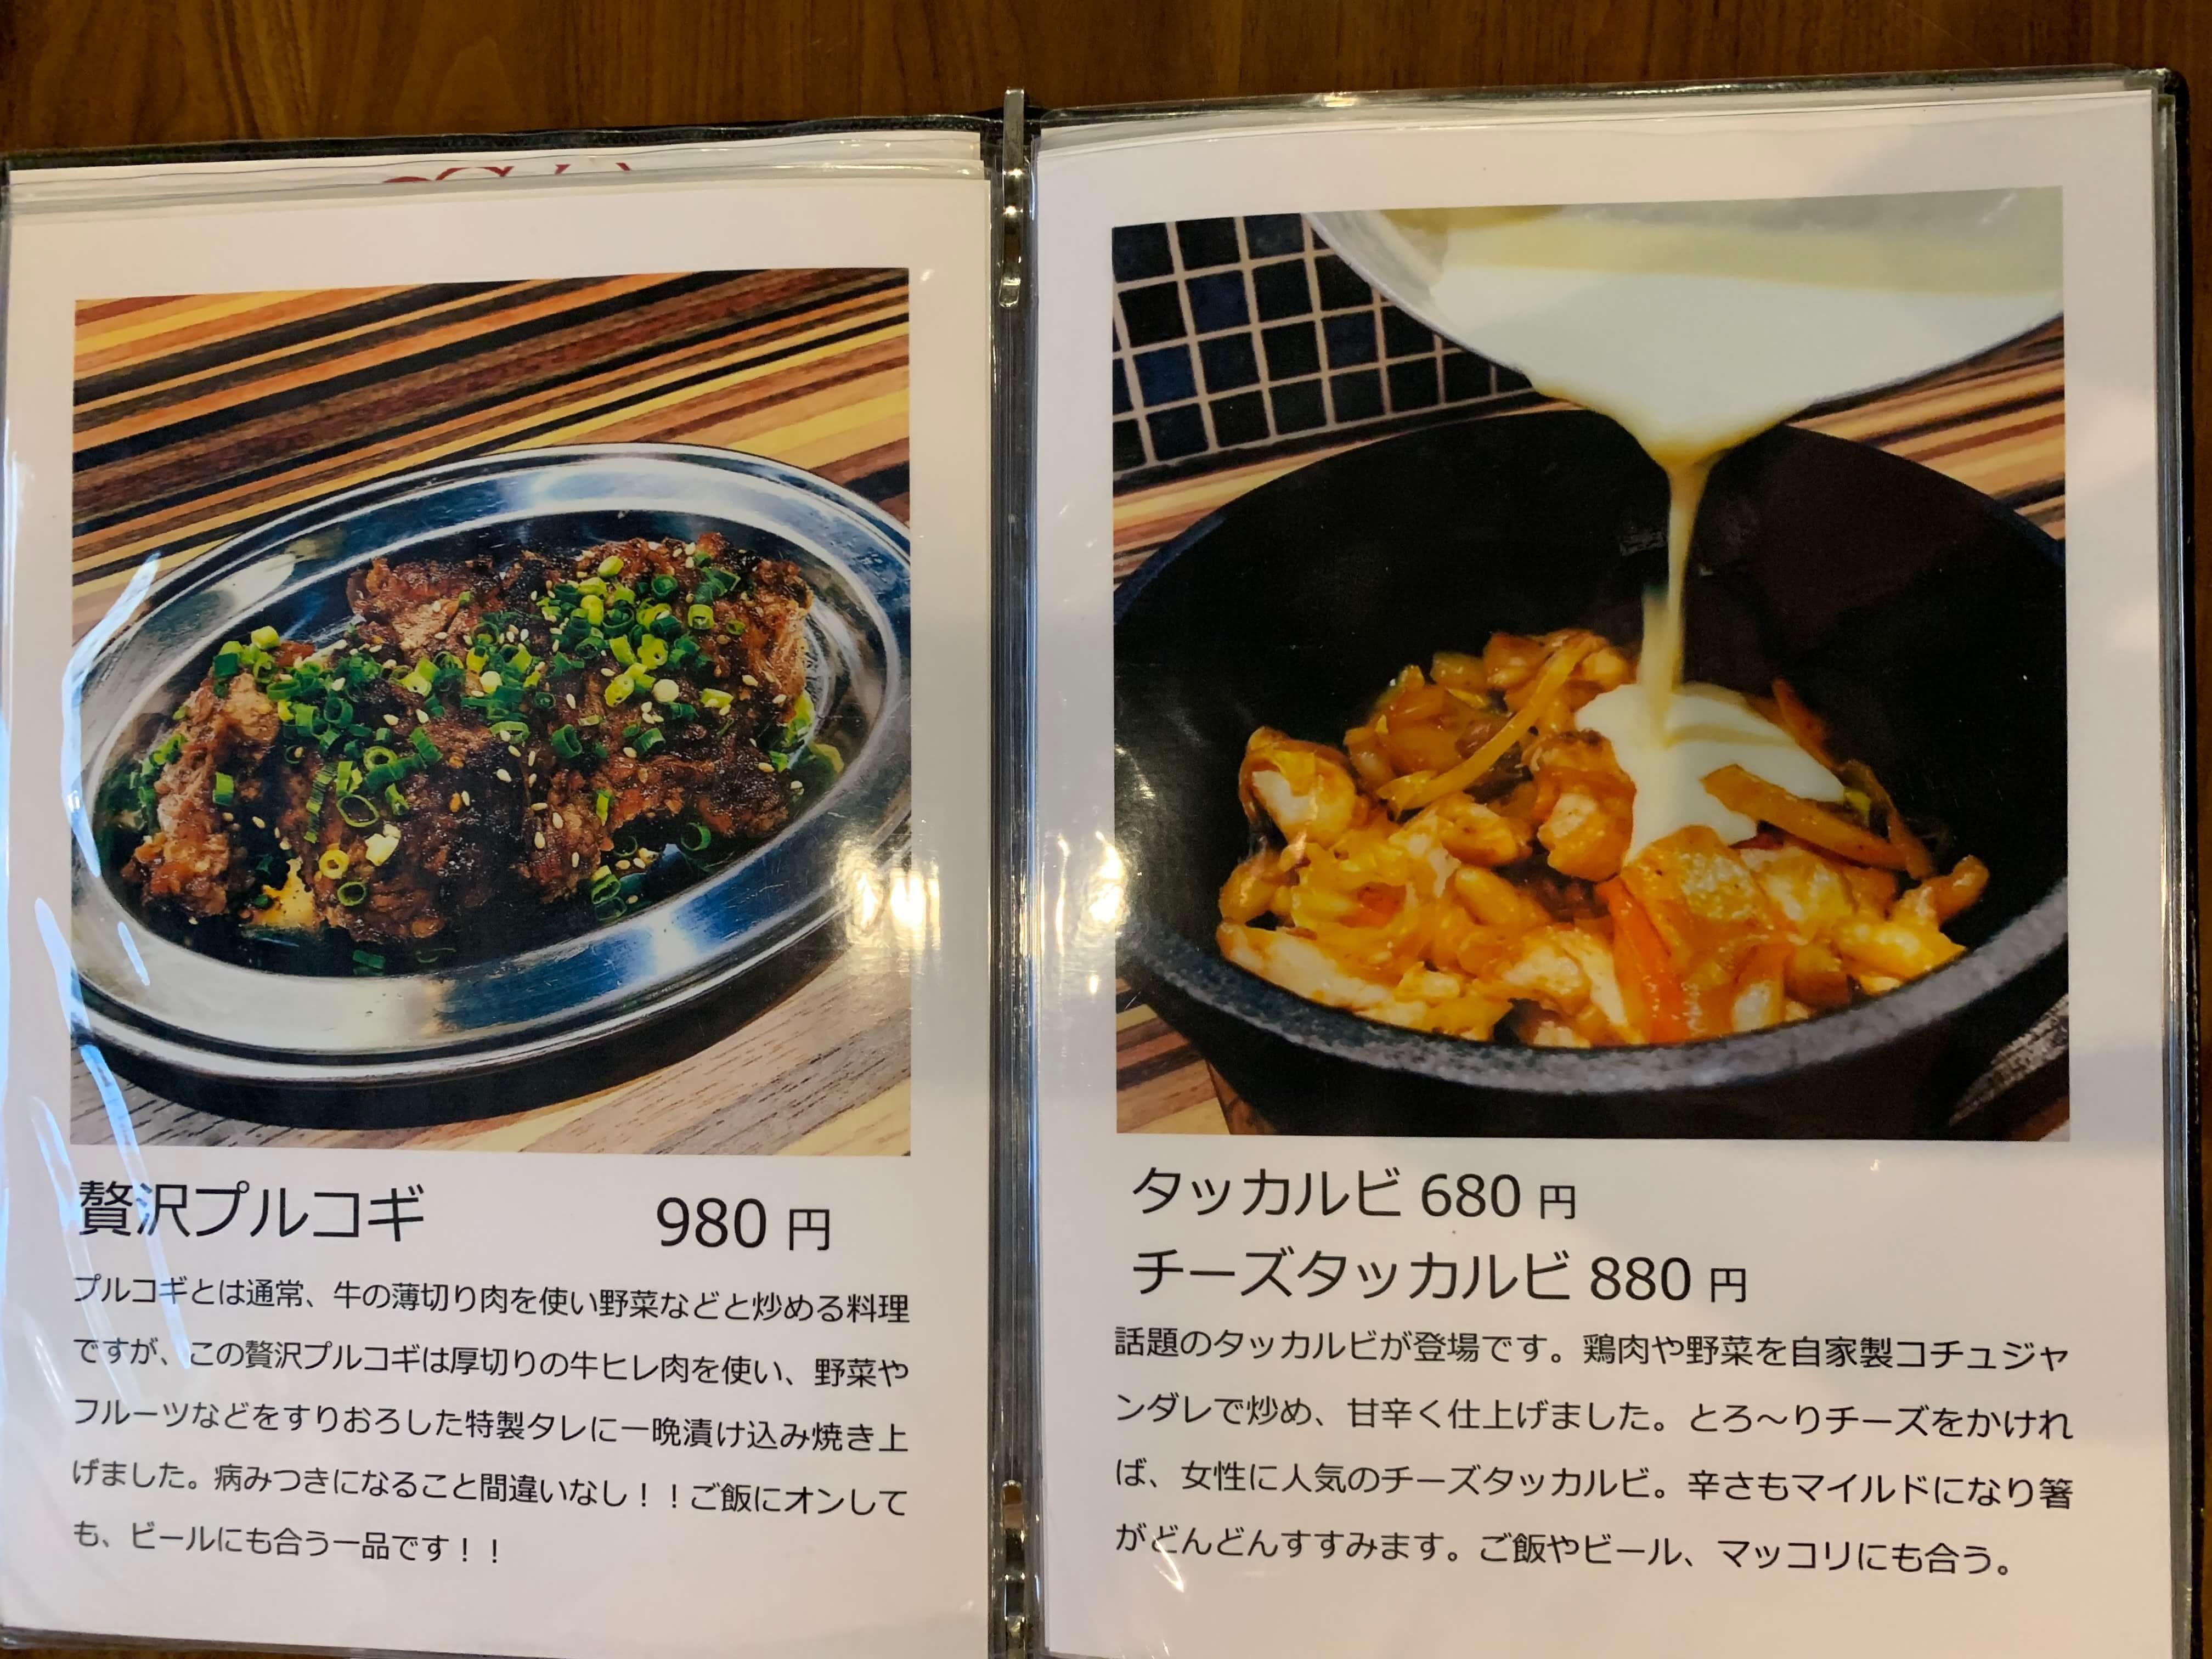 伊万里の韓国家庭料理『チングとここで』メニュー